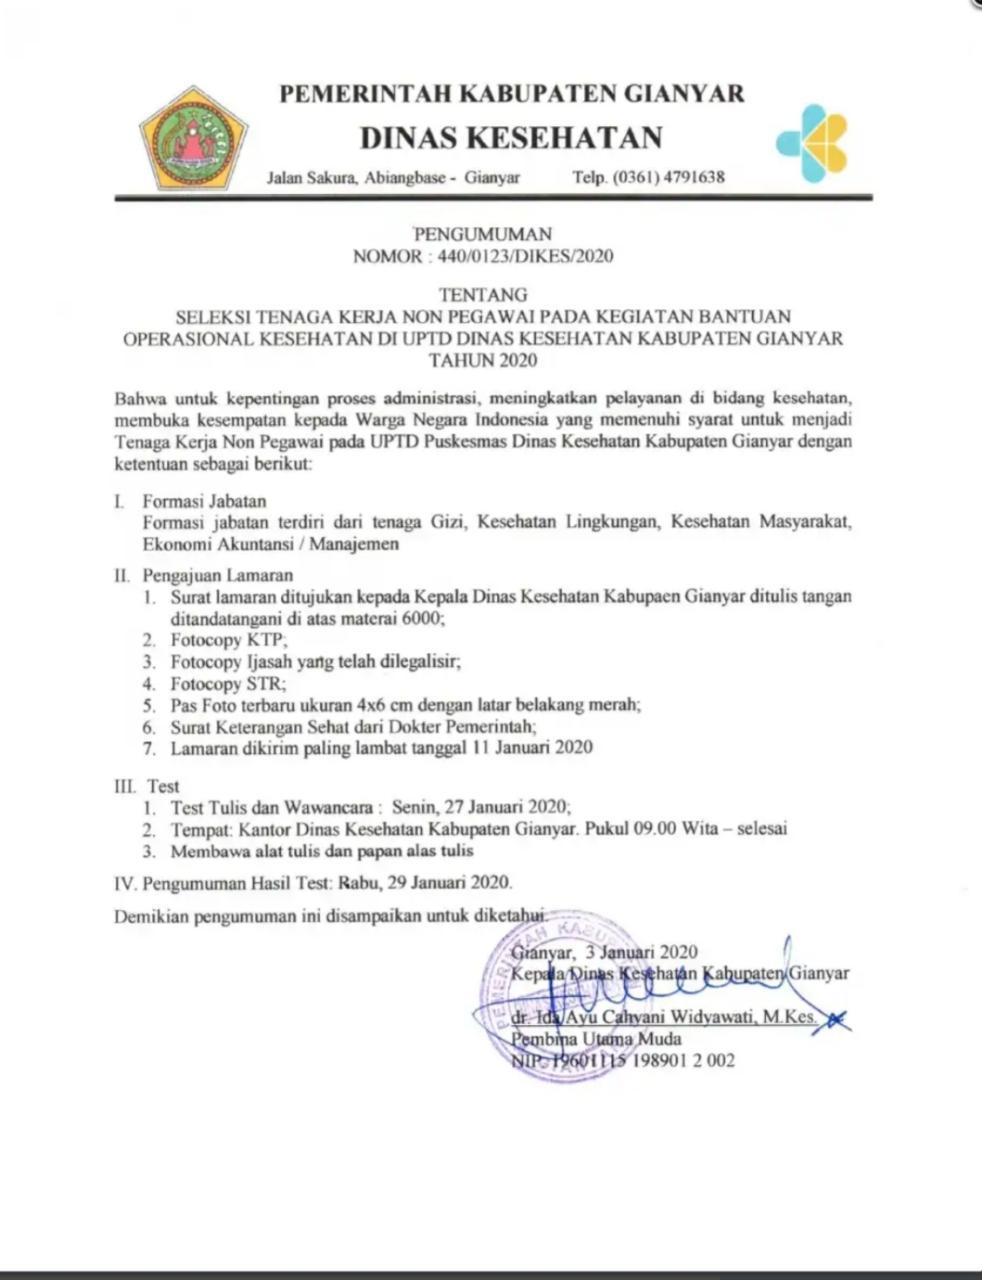 Penerimaan Tenaga Non PNS Dinas Kesehatan Pemerintah Kabupaten Gianyar Bulan Januari 2020